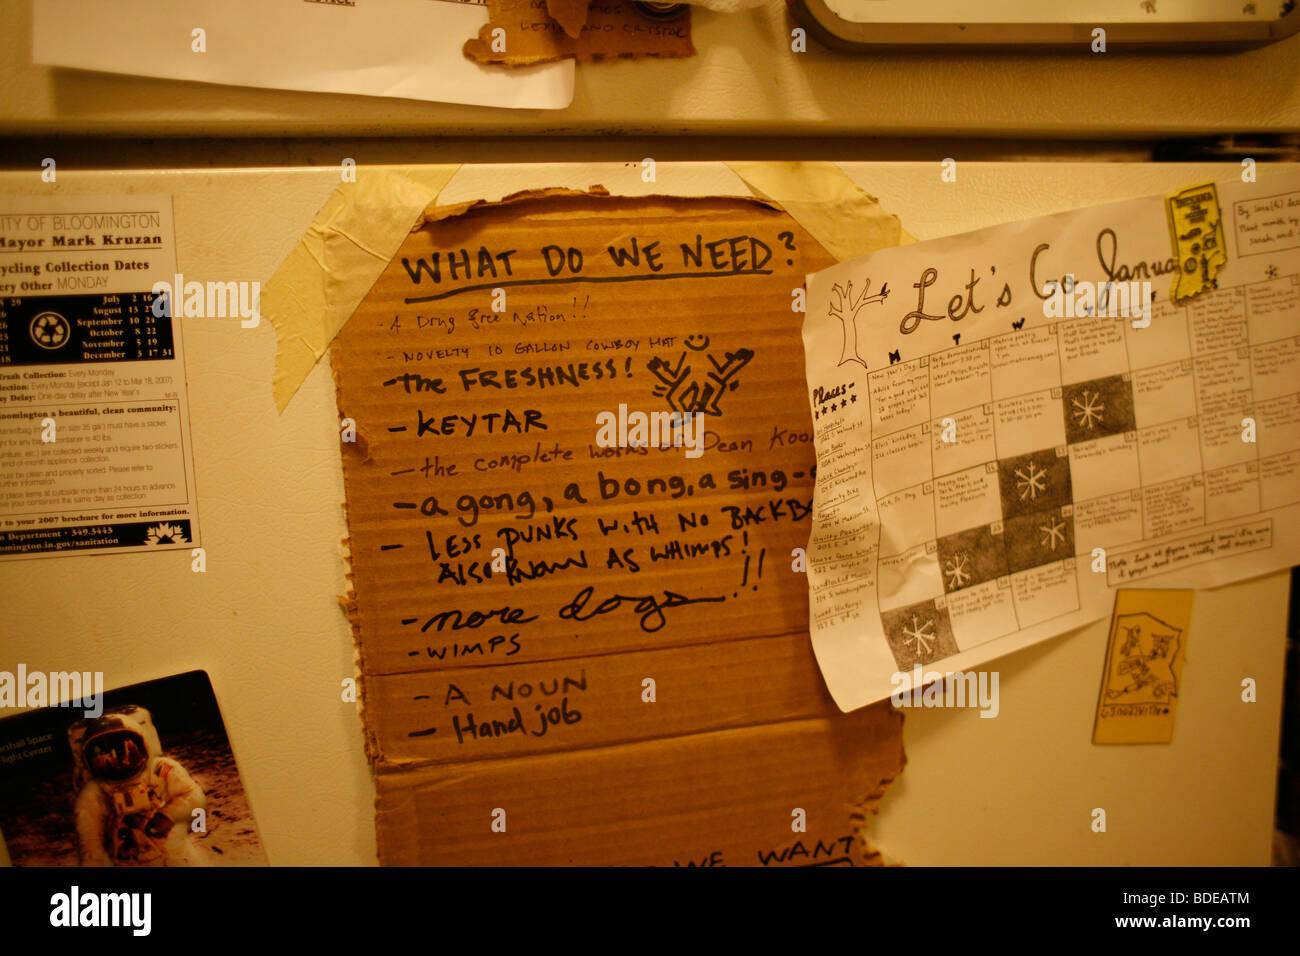 Kühlschrank Punk : Ein punk rocker to do liste hängt an den kühlschrank im haus von